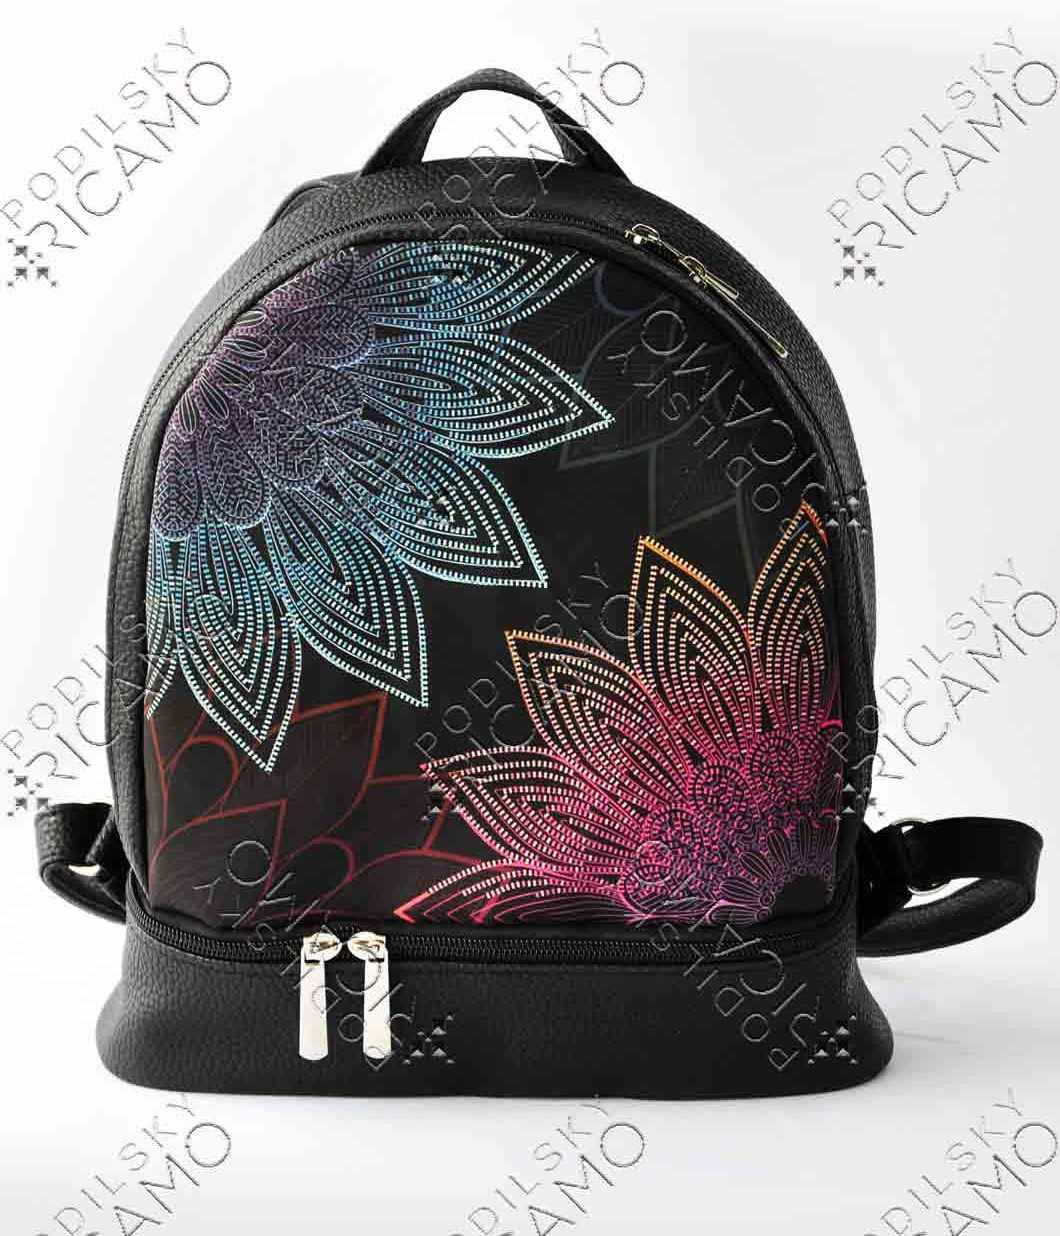 Рюкзак-002 Набор для вышивания на рюкзаке. Черный. Мандала